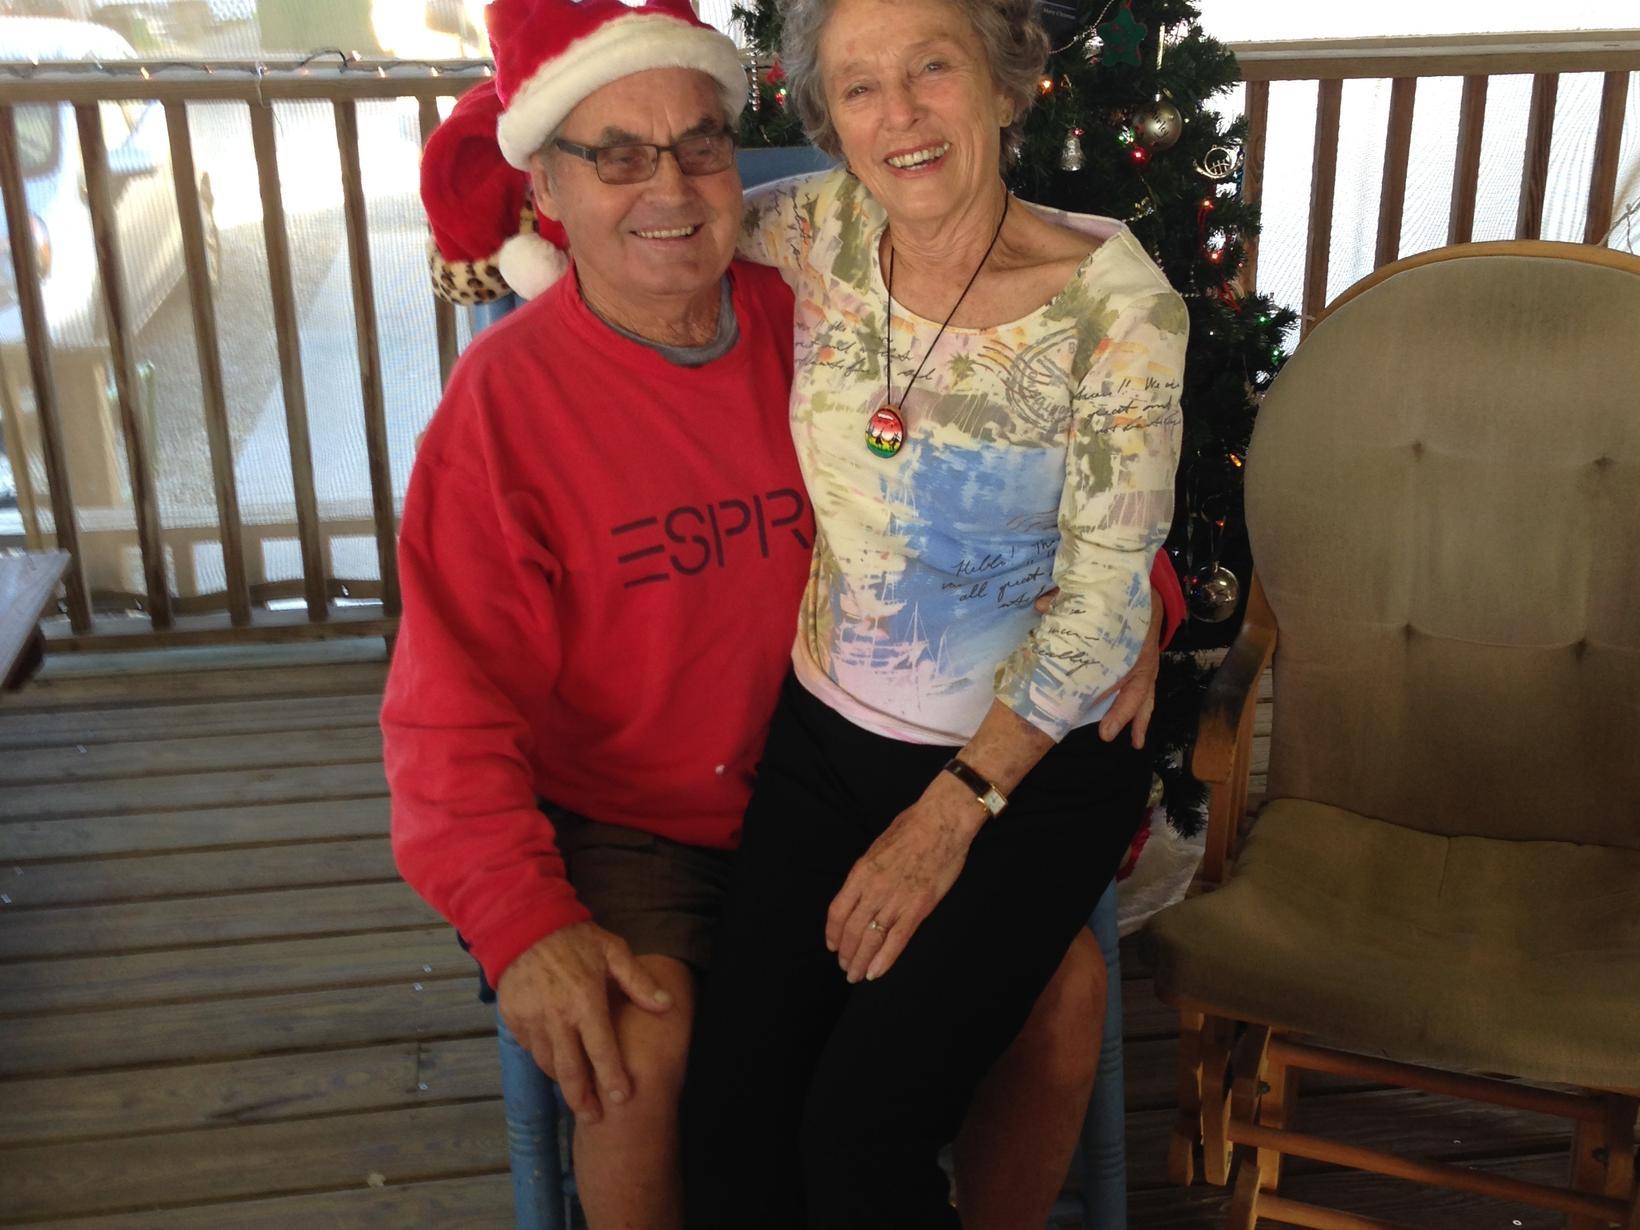 Bernice & Douglas from Portage la Prairie, Manitoba, Canada